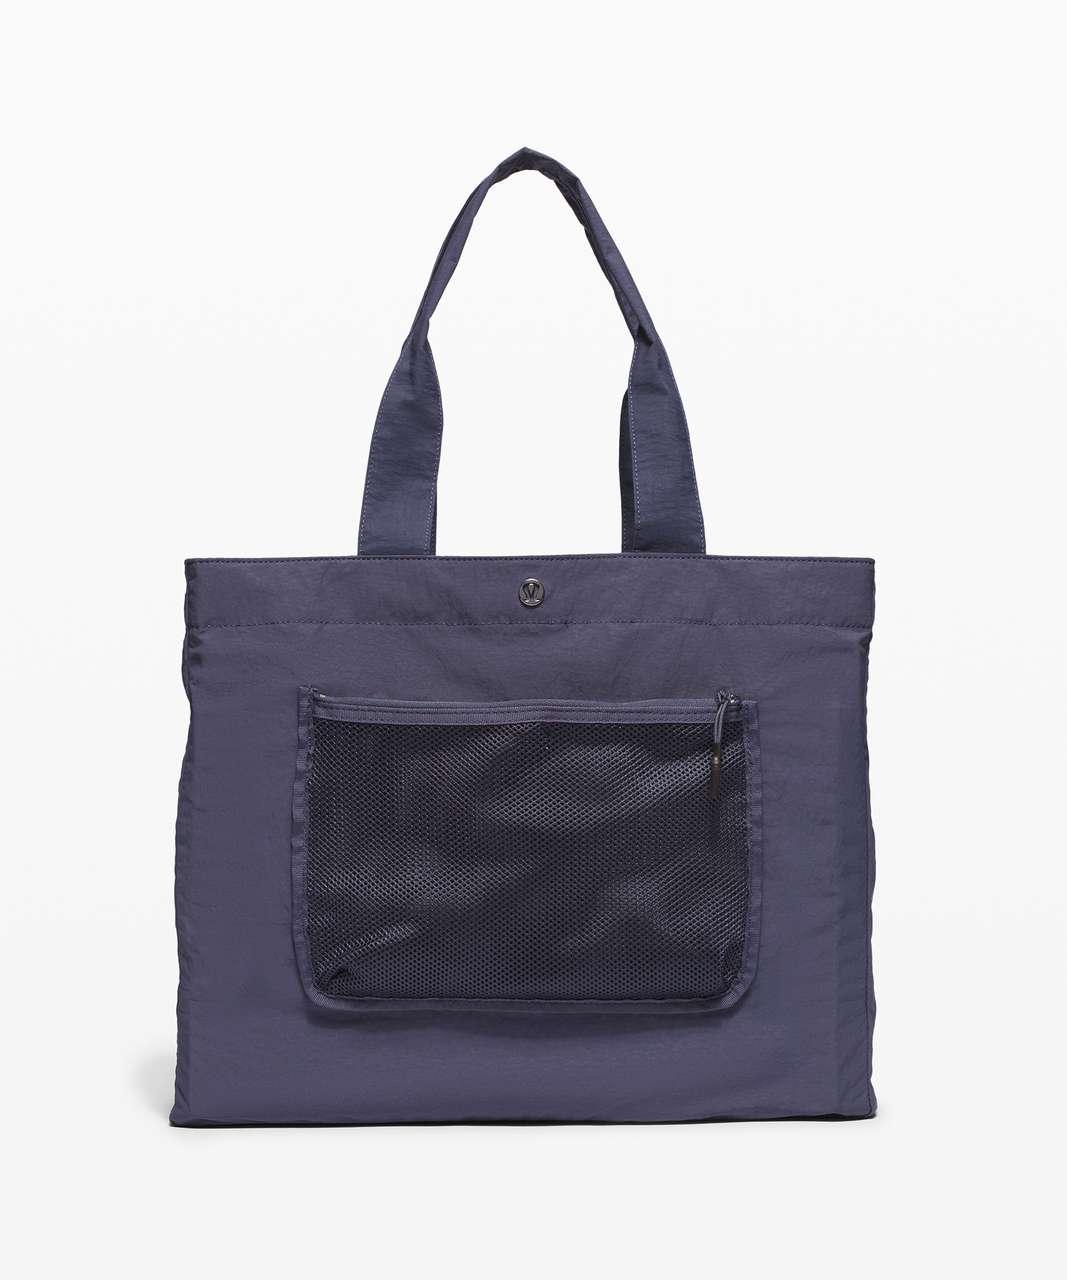 Lululemon Pack the Pocket Tote 20L - Cadet Blue